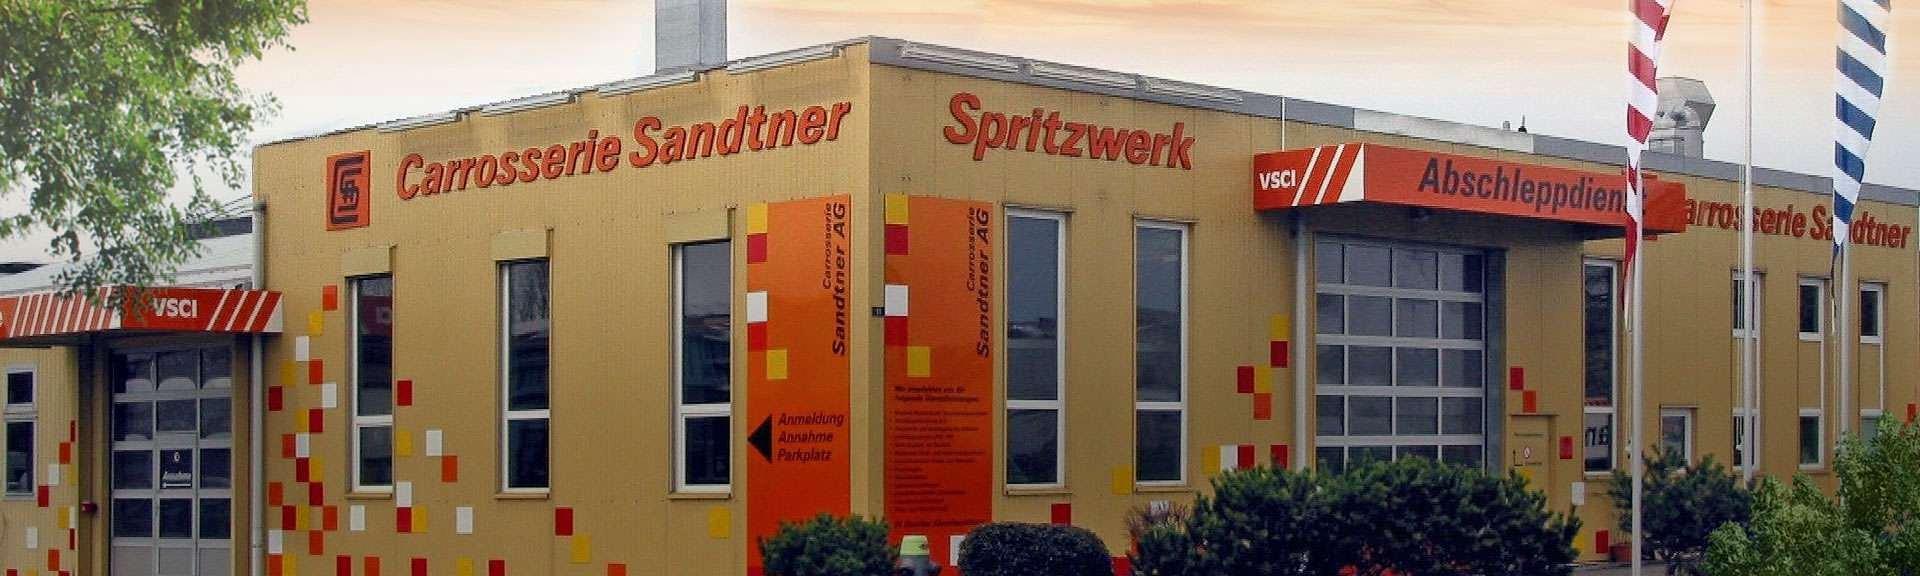 Carrosserie Sandtner AG